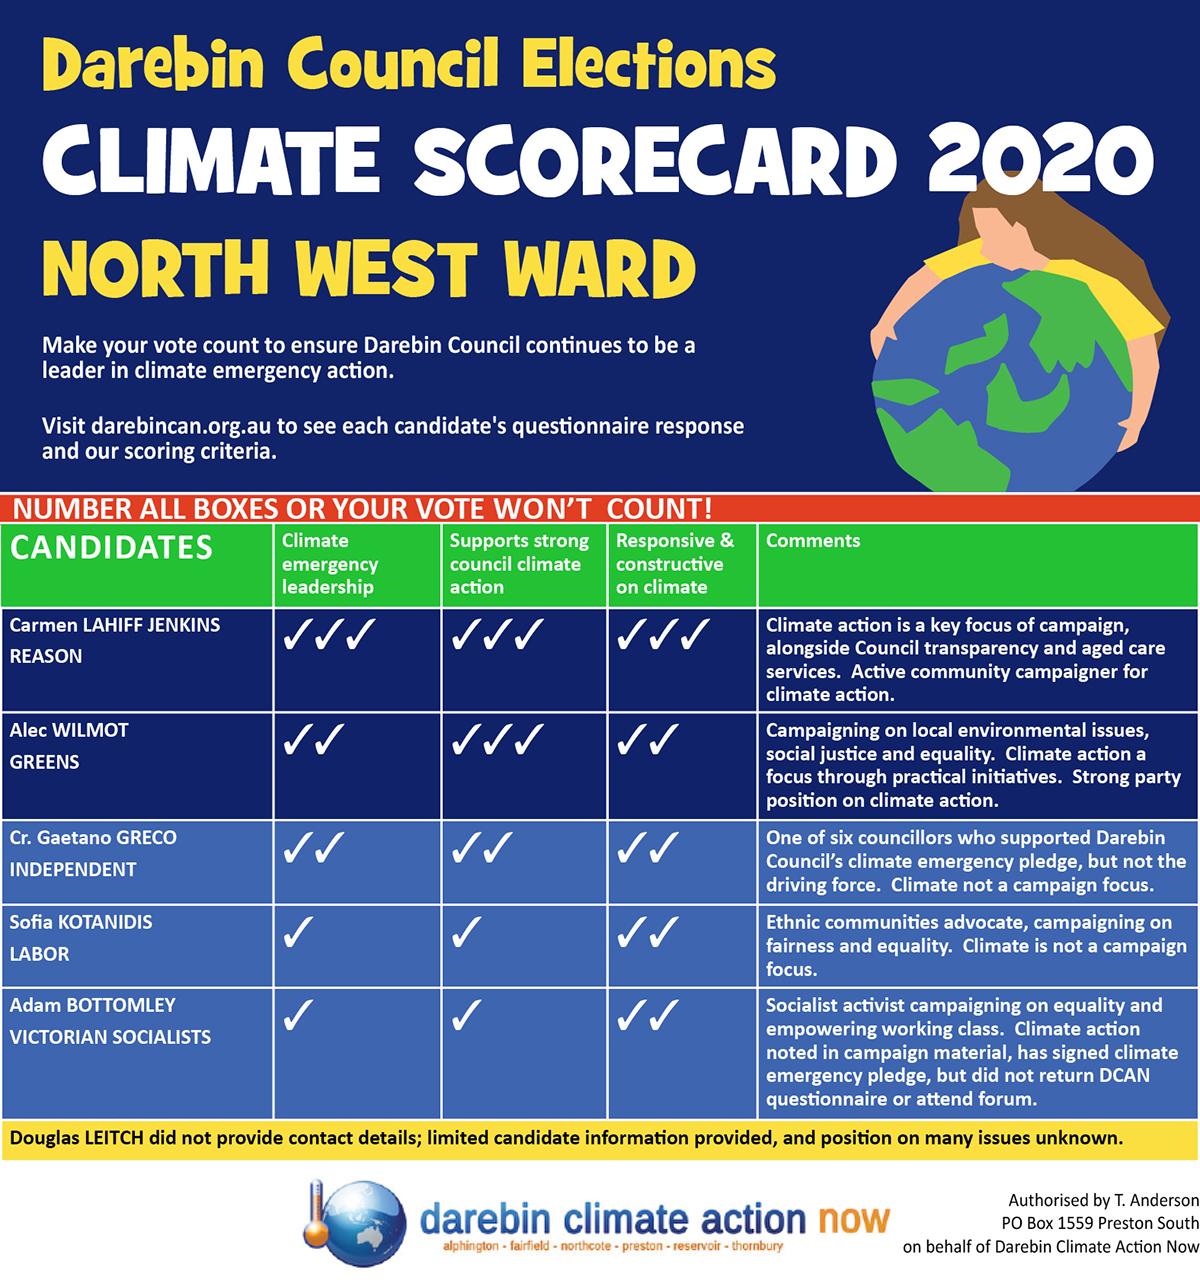 North West Ward Scorecard